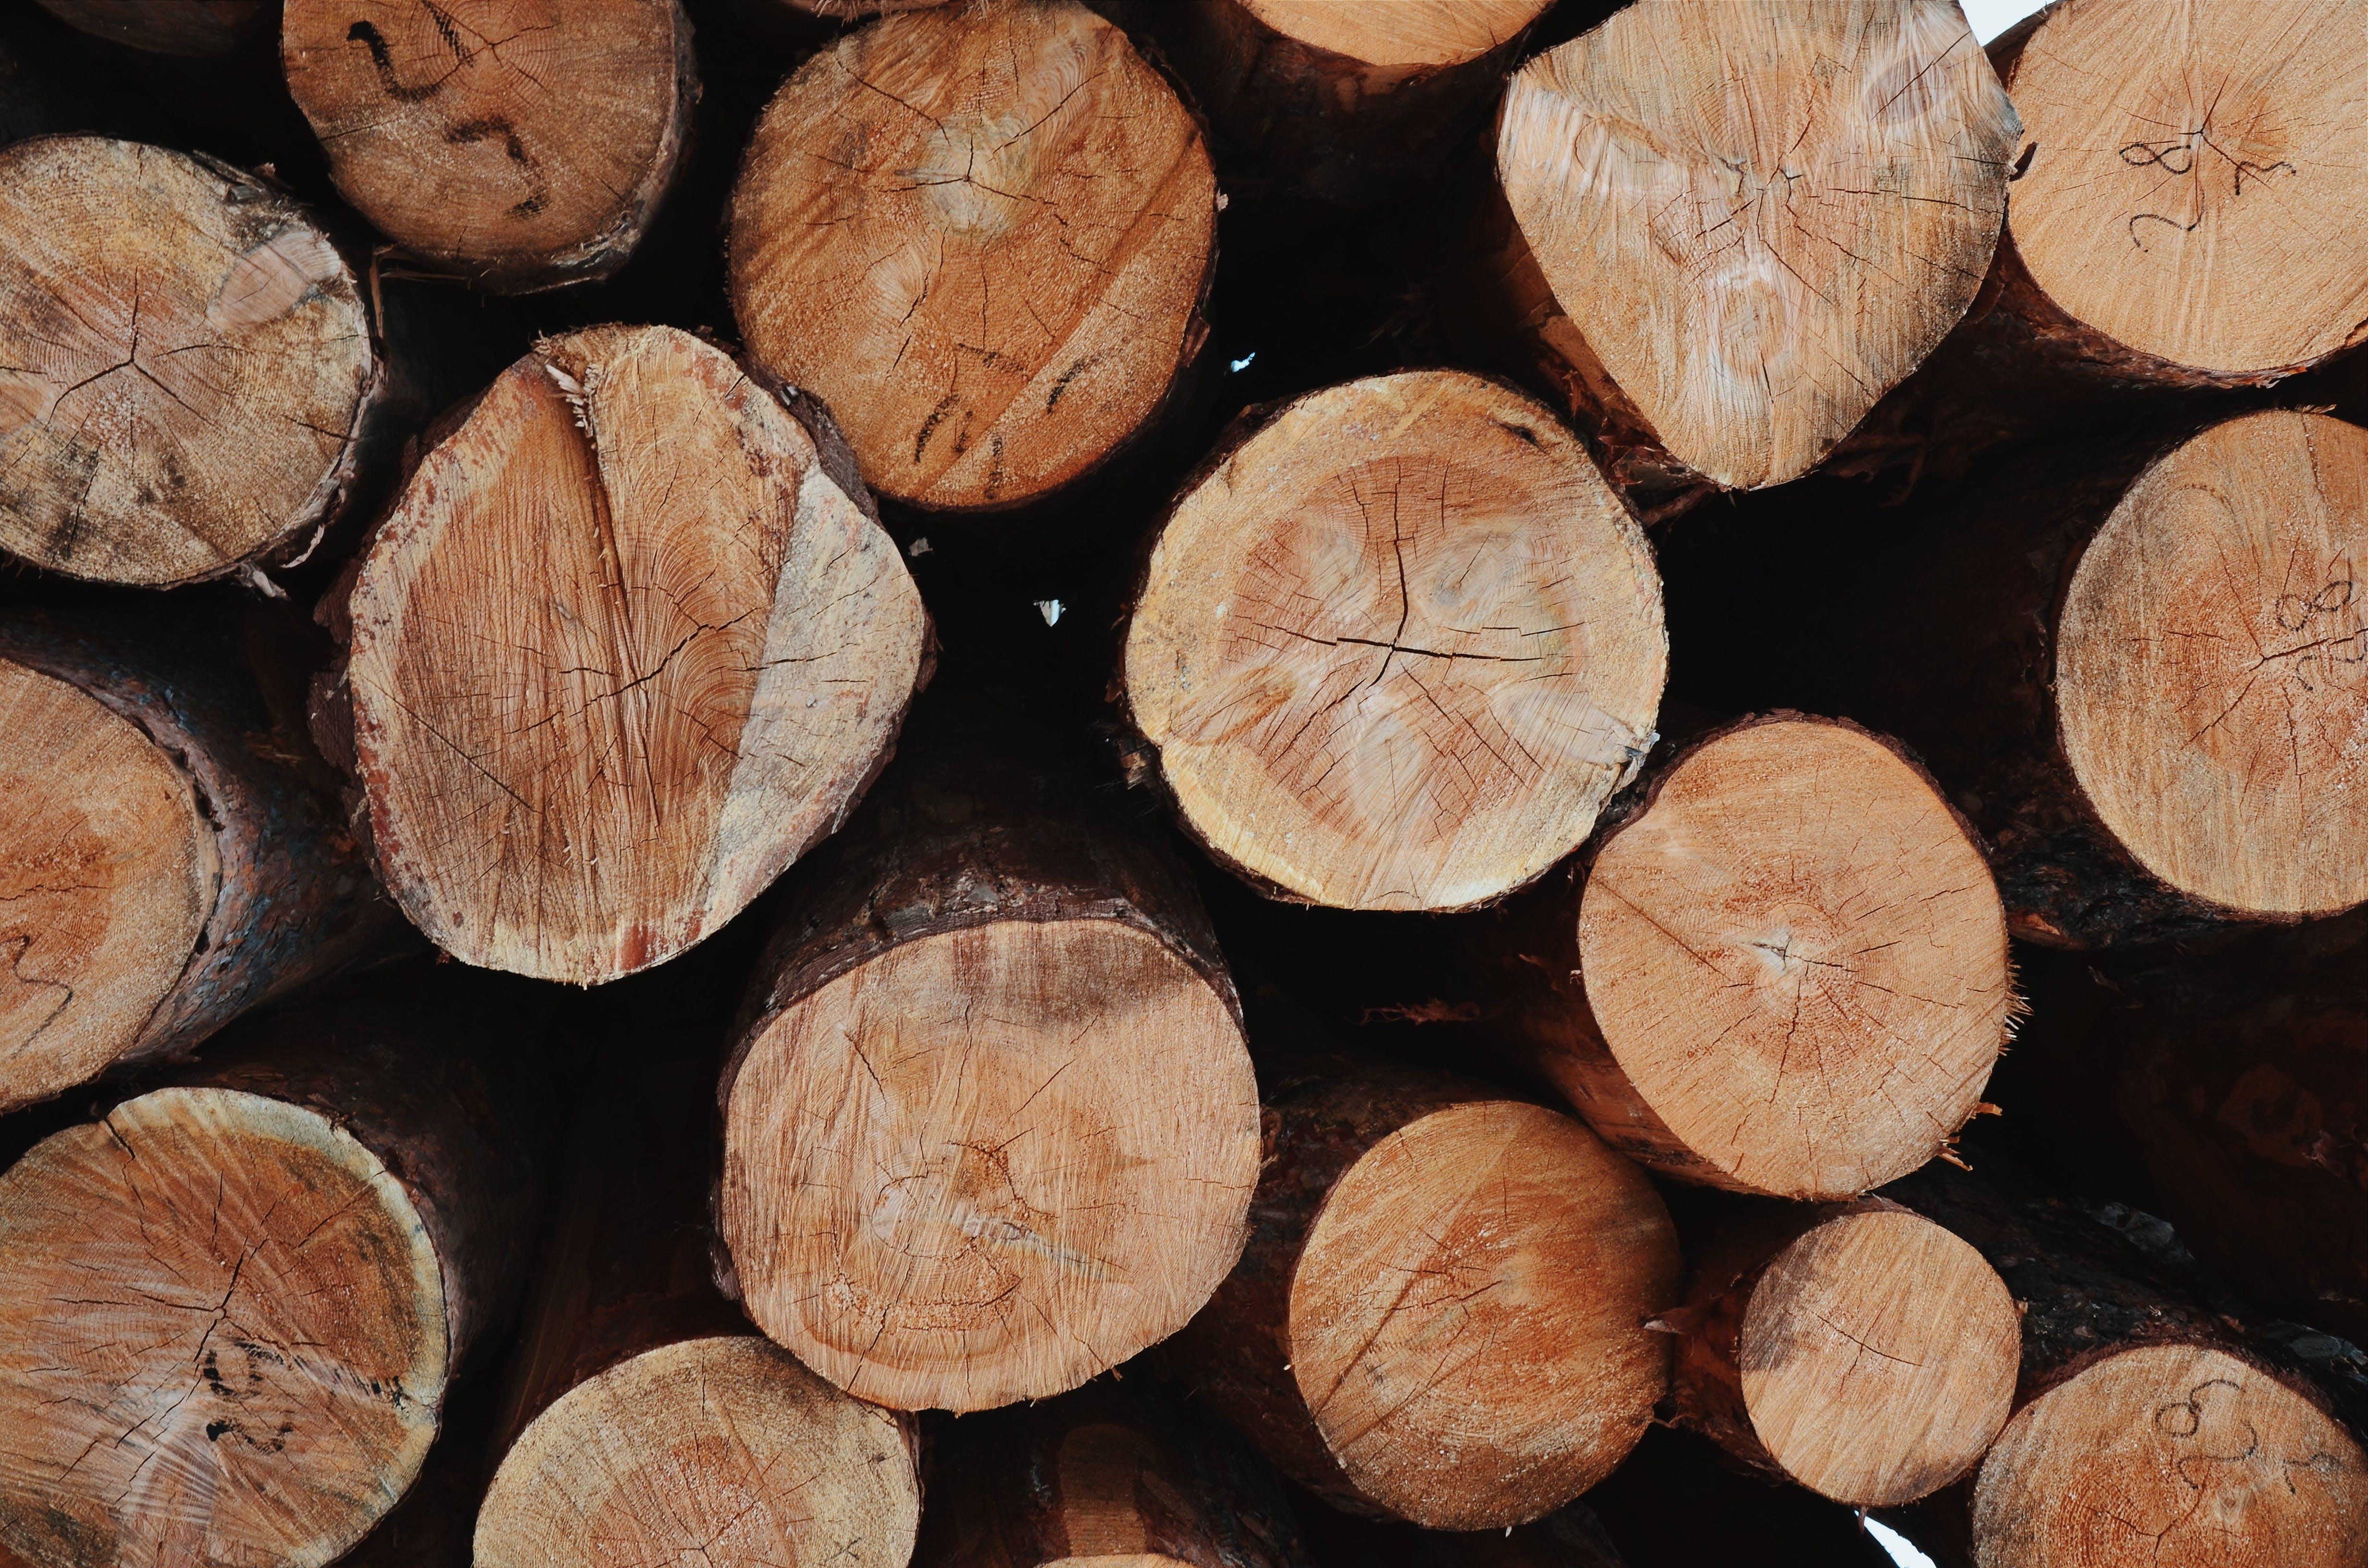 나무 줄기, 나무가 쌓여 있는, 더미, 땔감의 무료 스톡 사진